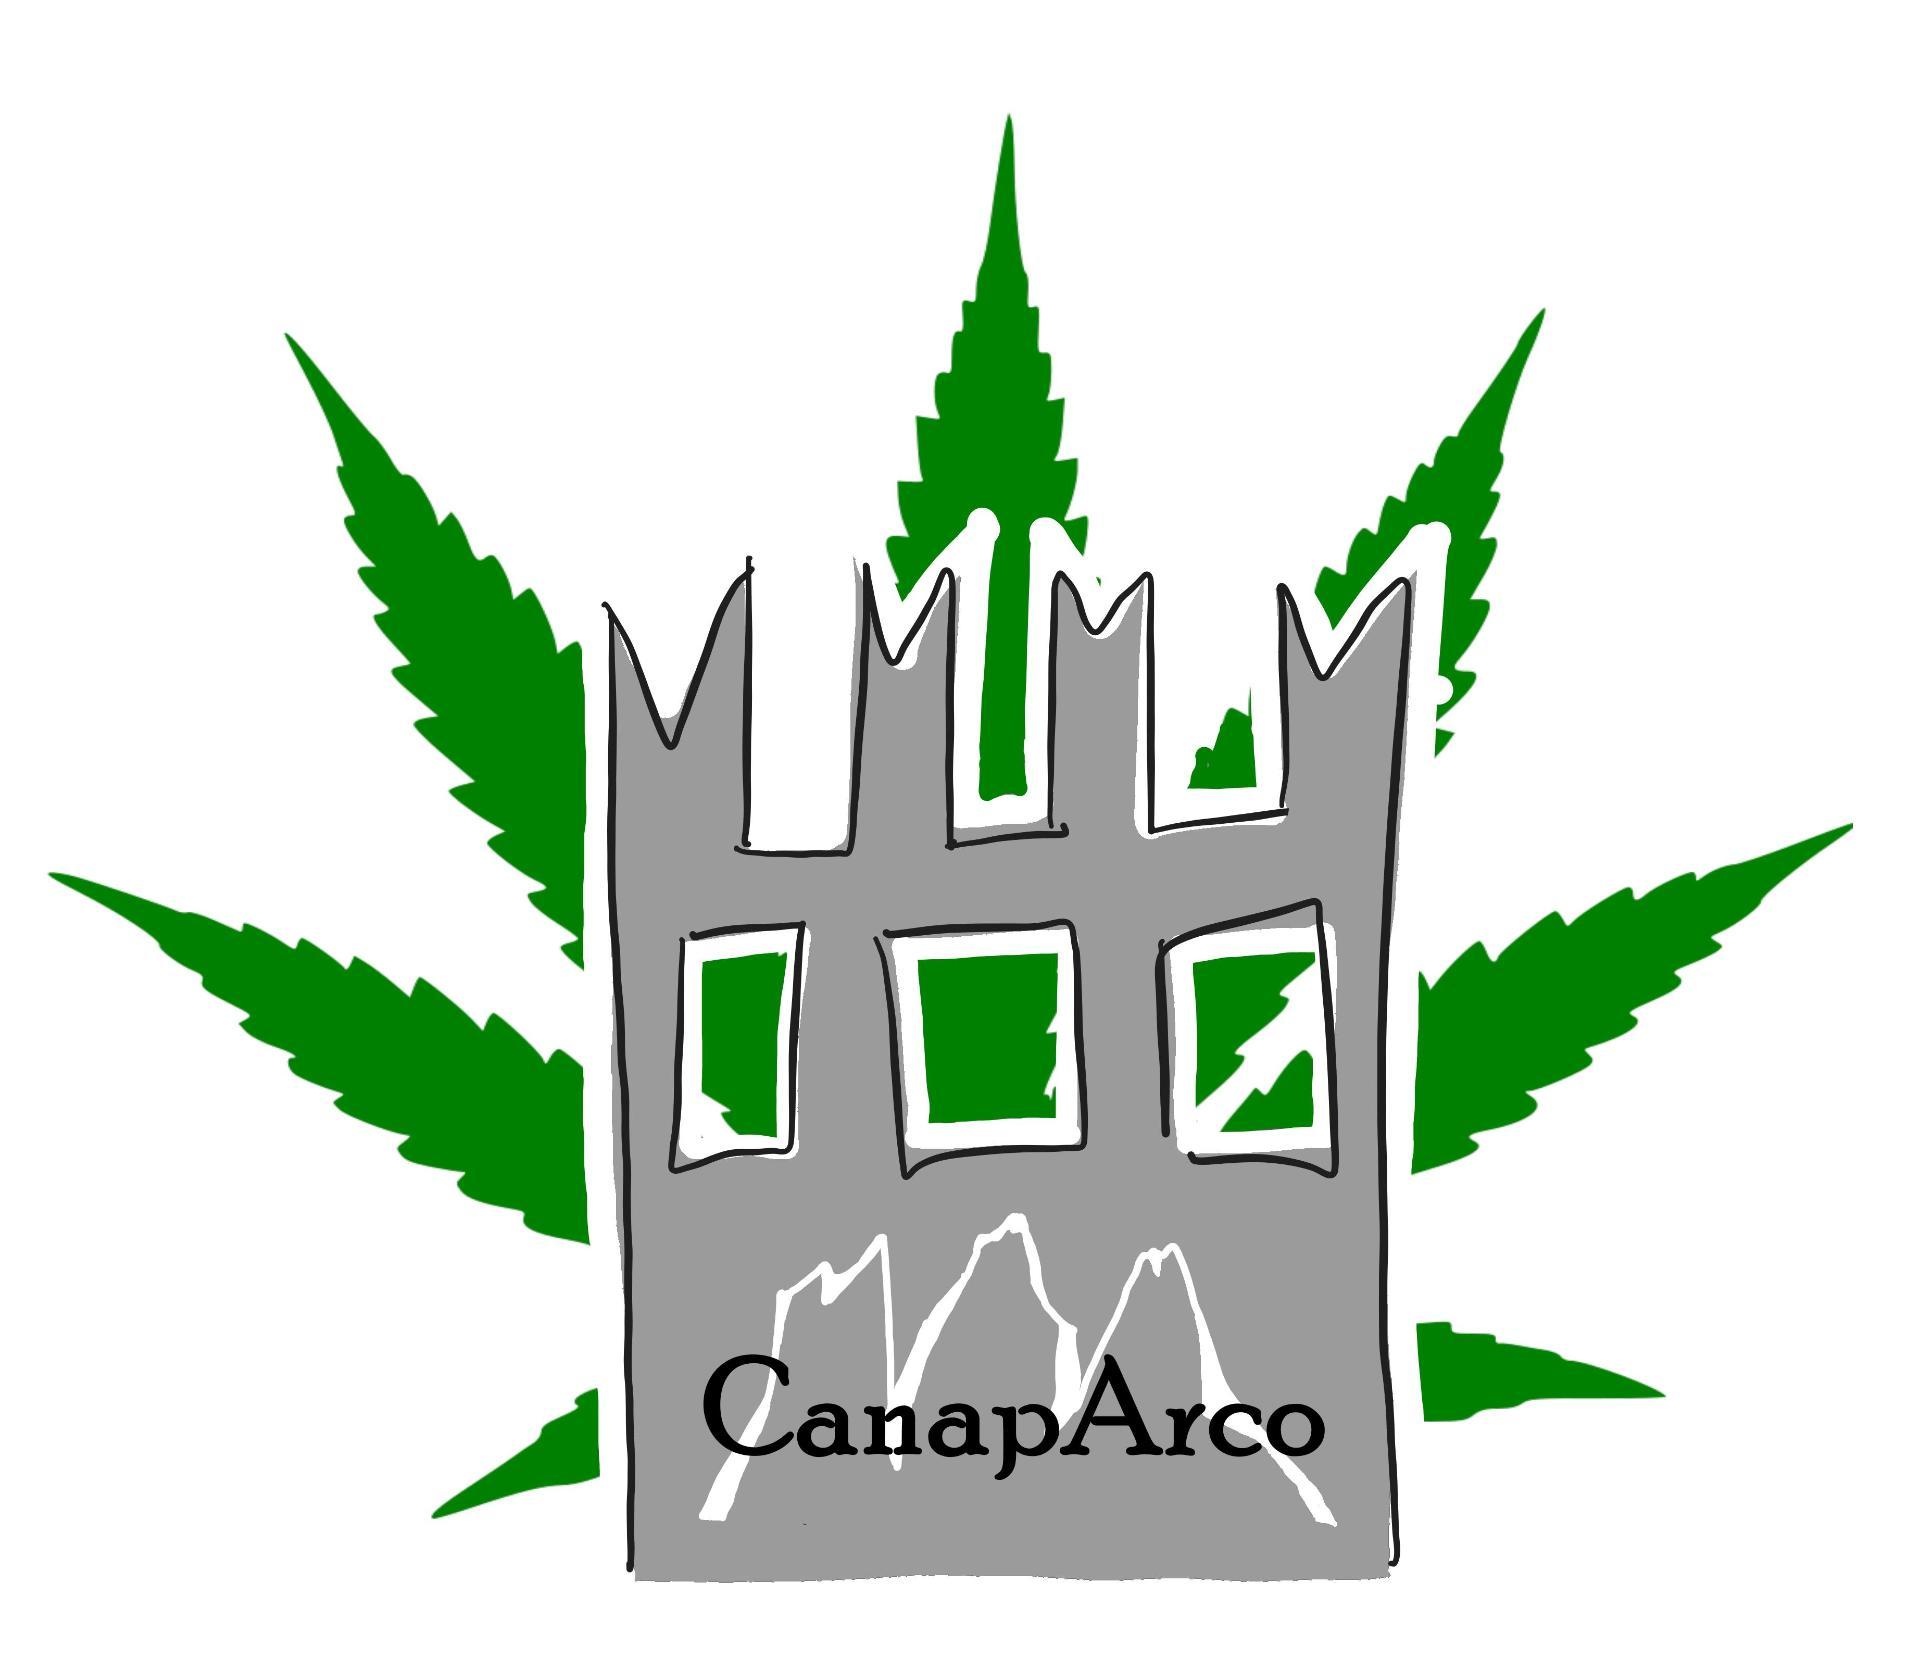 CanapArco